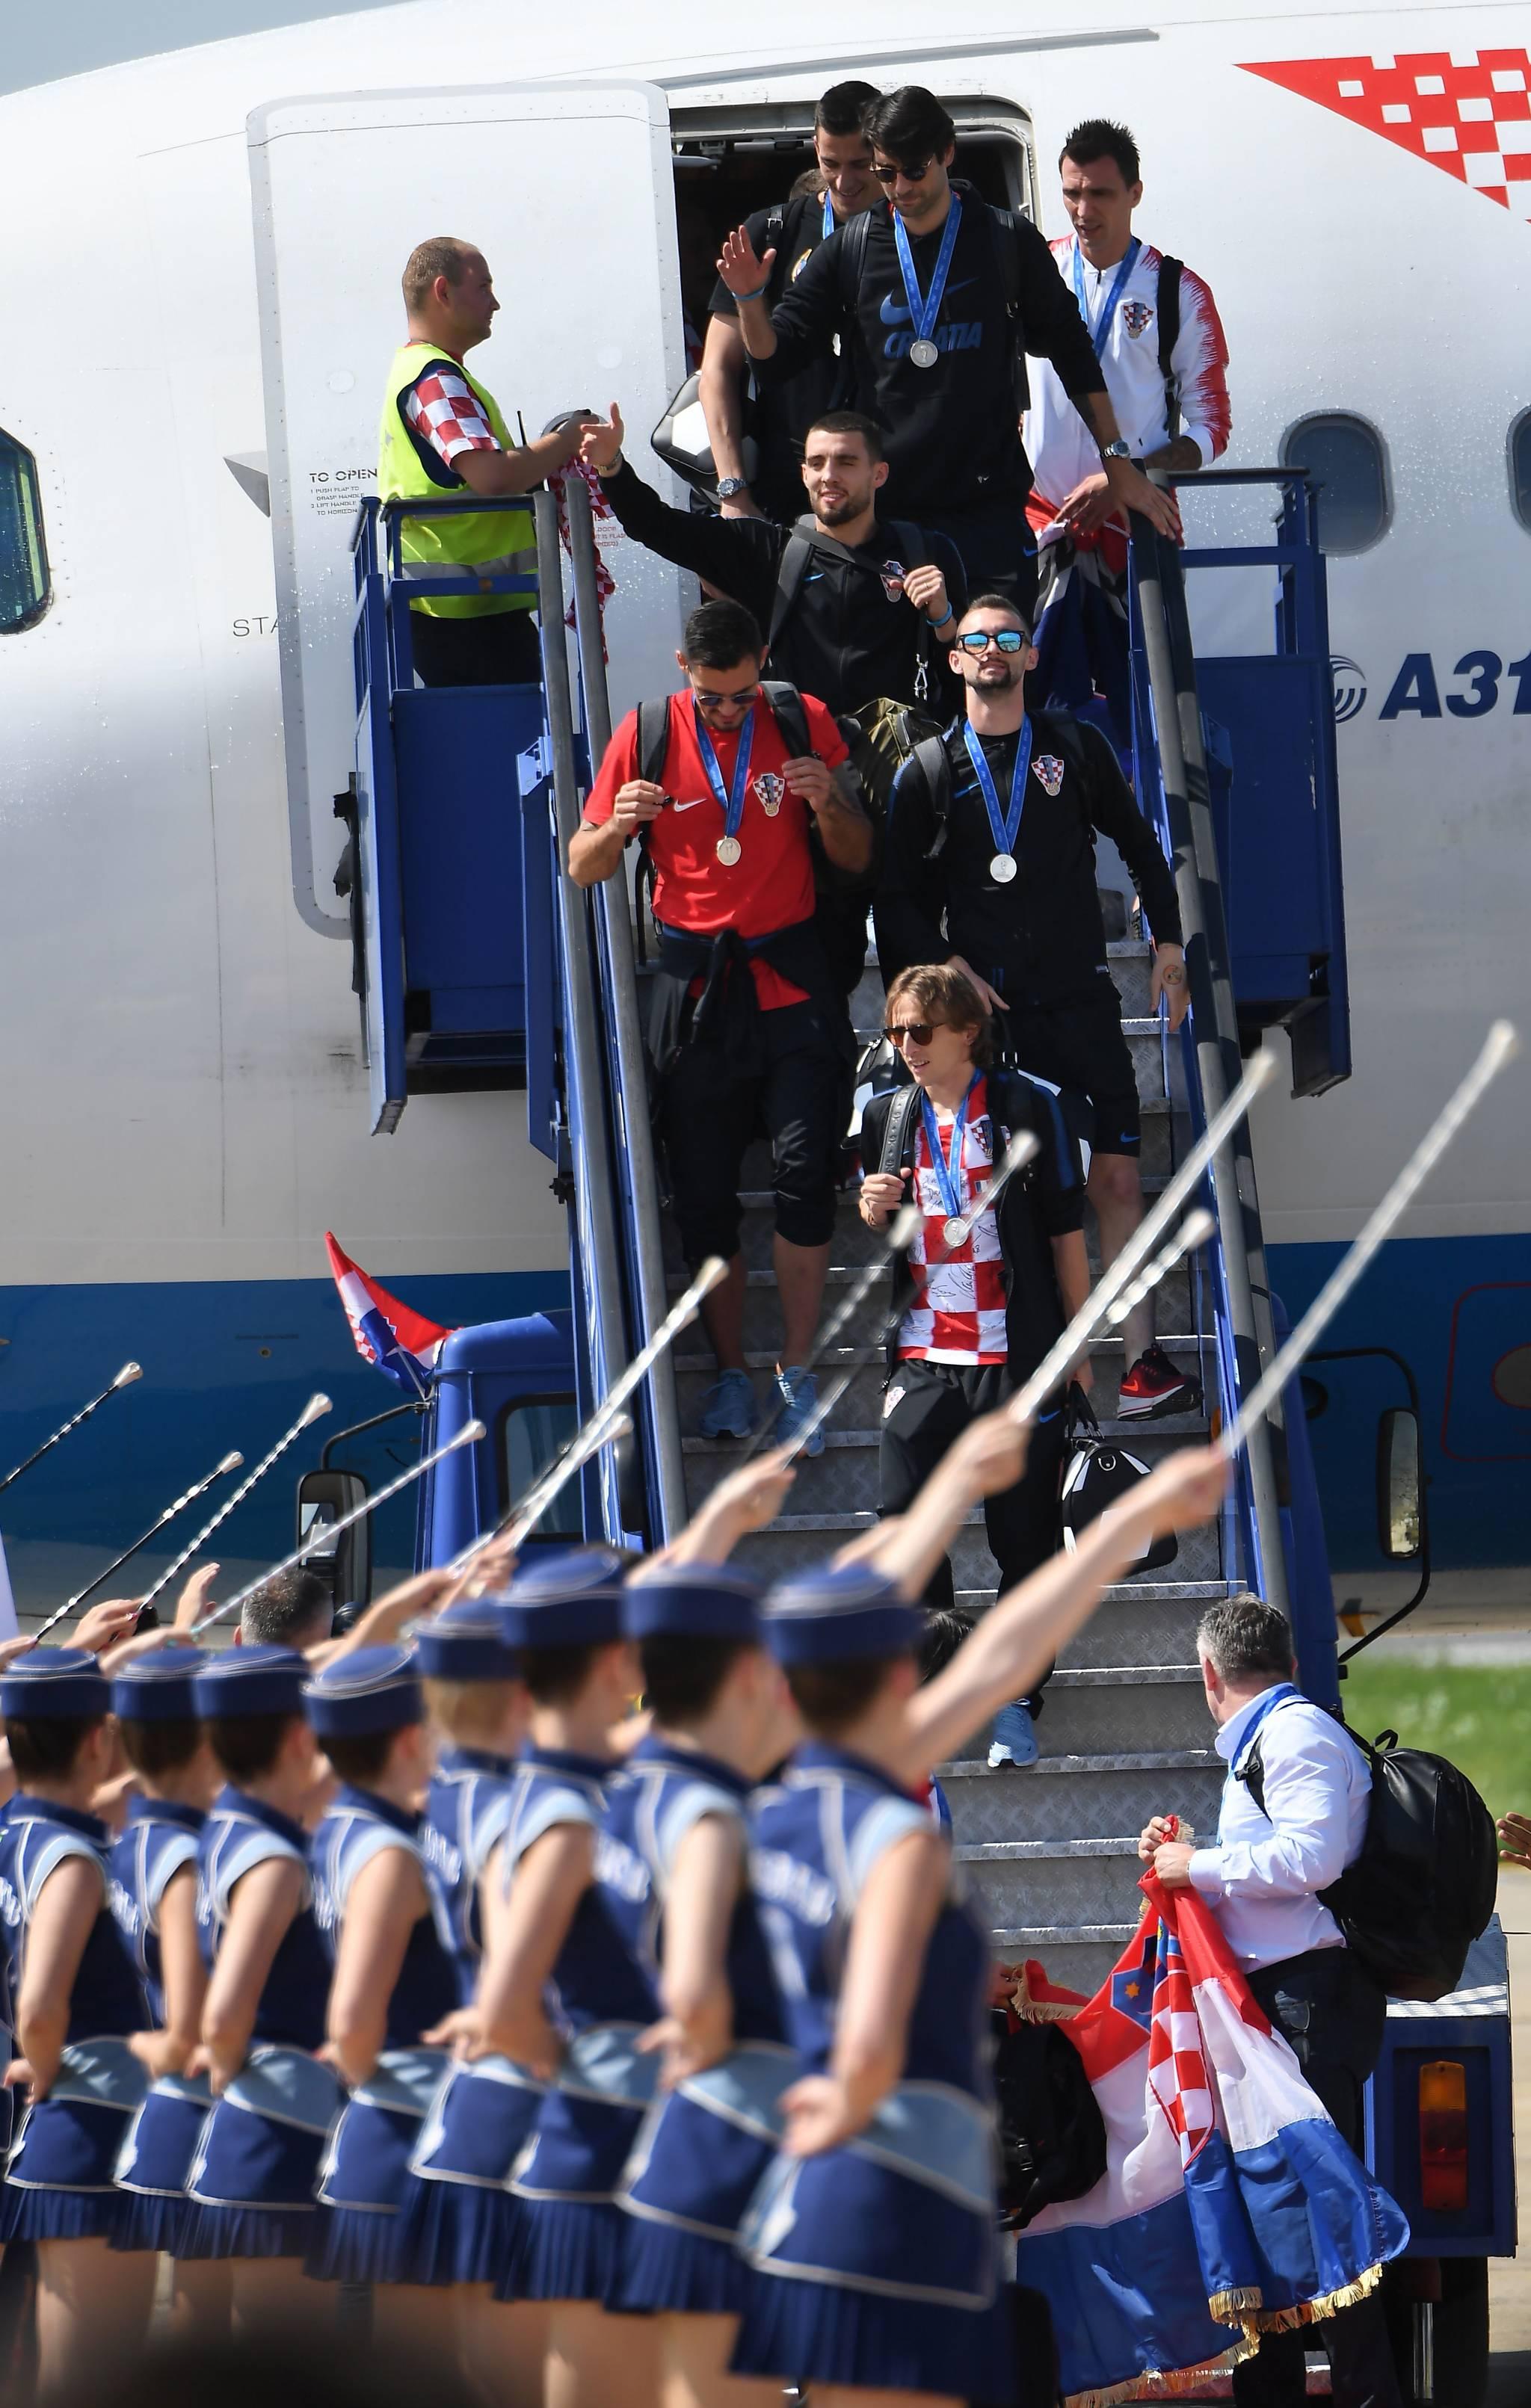 대표팀 선수들이 전용기에서 내리고 있다. [AFP=연합뉴스]